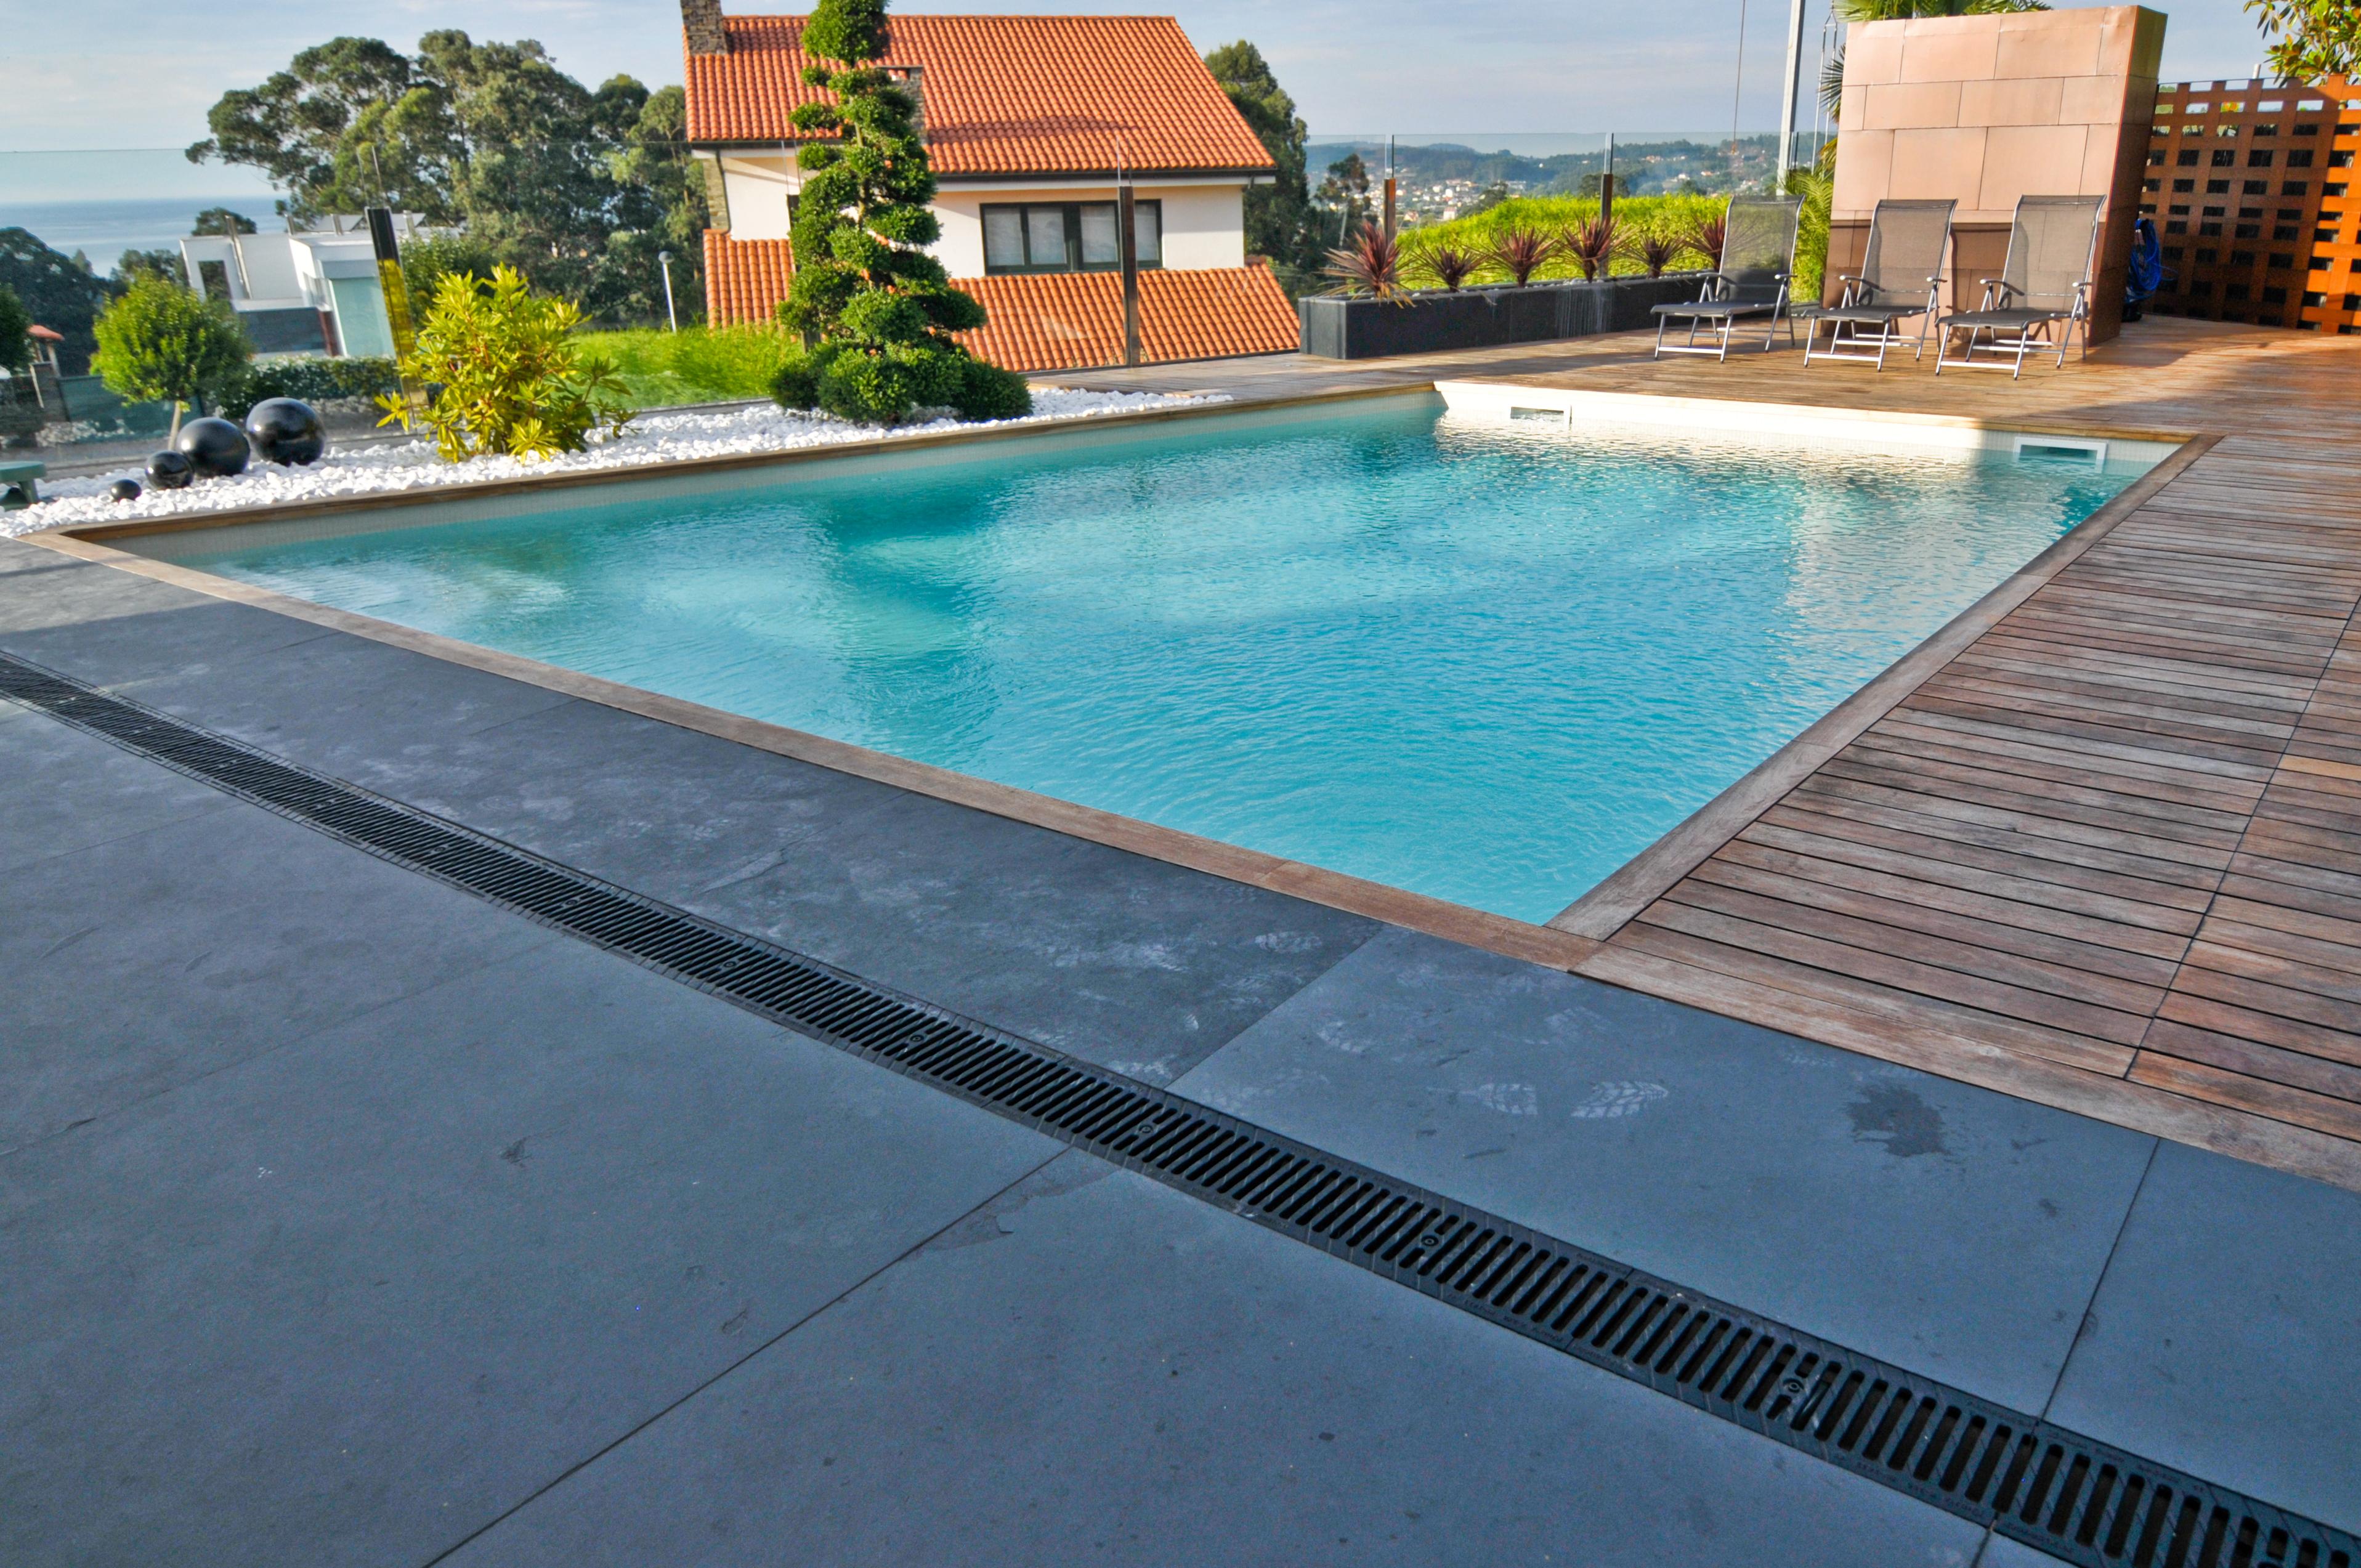 Piscinas con gresite blanco piscina privada archivos para renovacin de piscinas renolit - Gresite piscinas precio ...